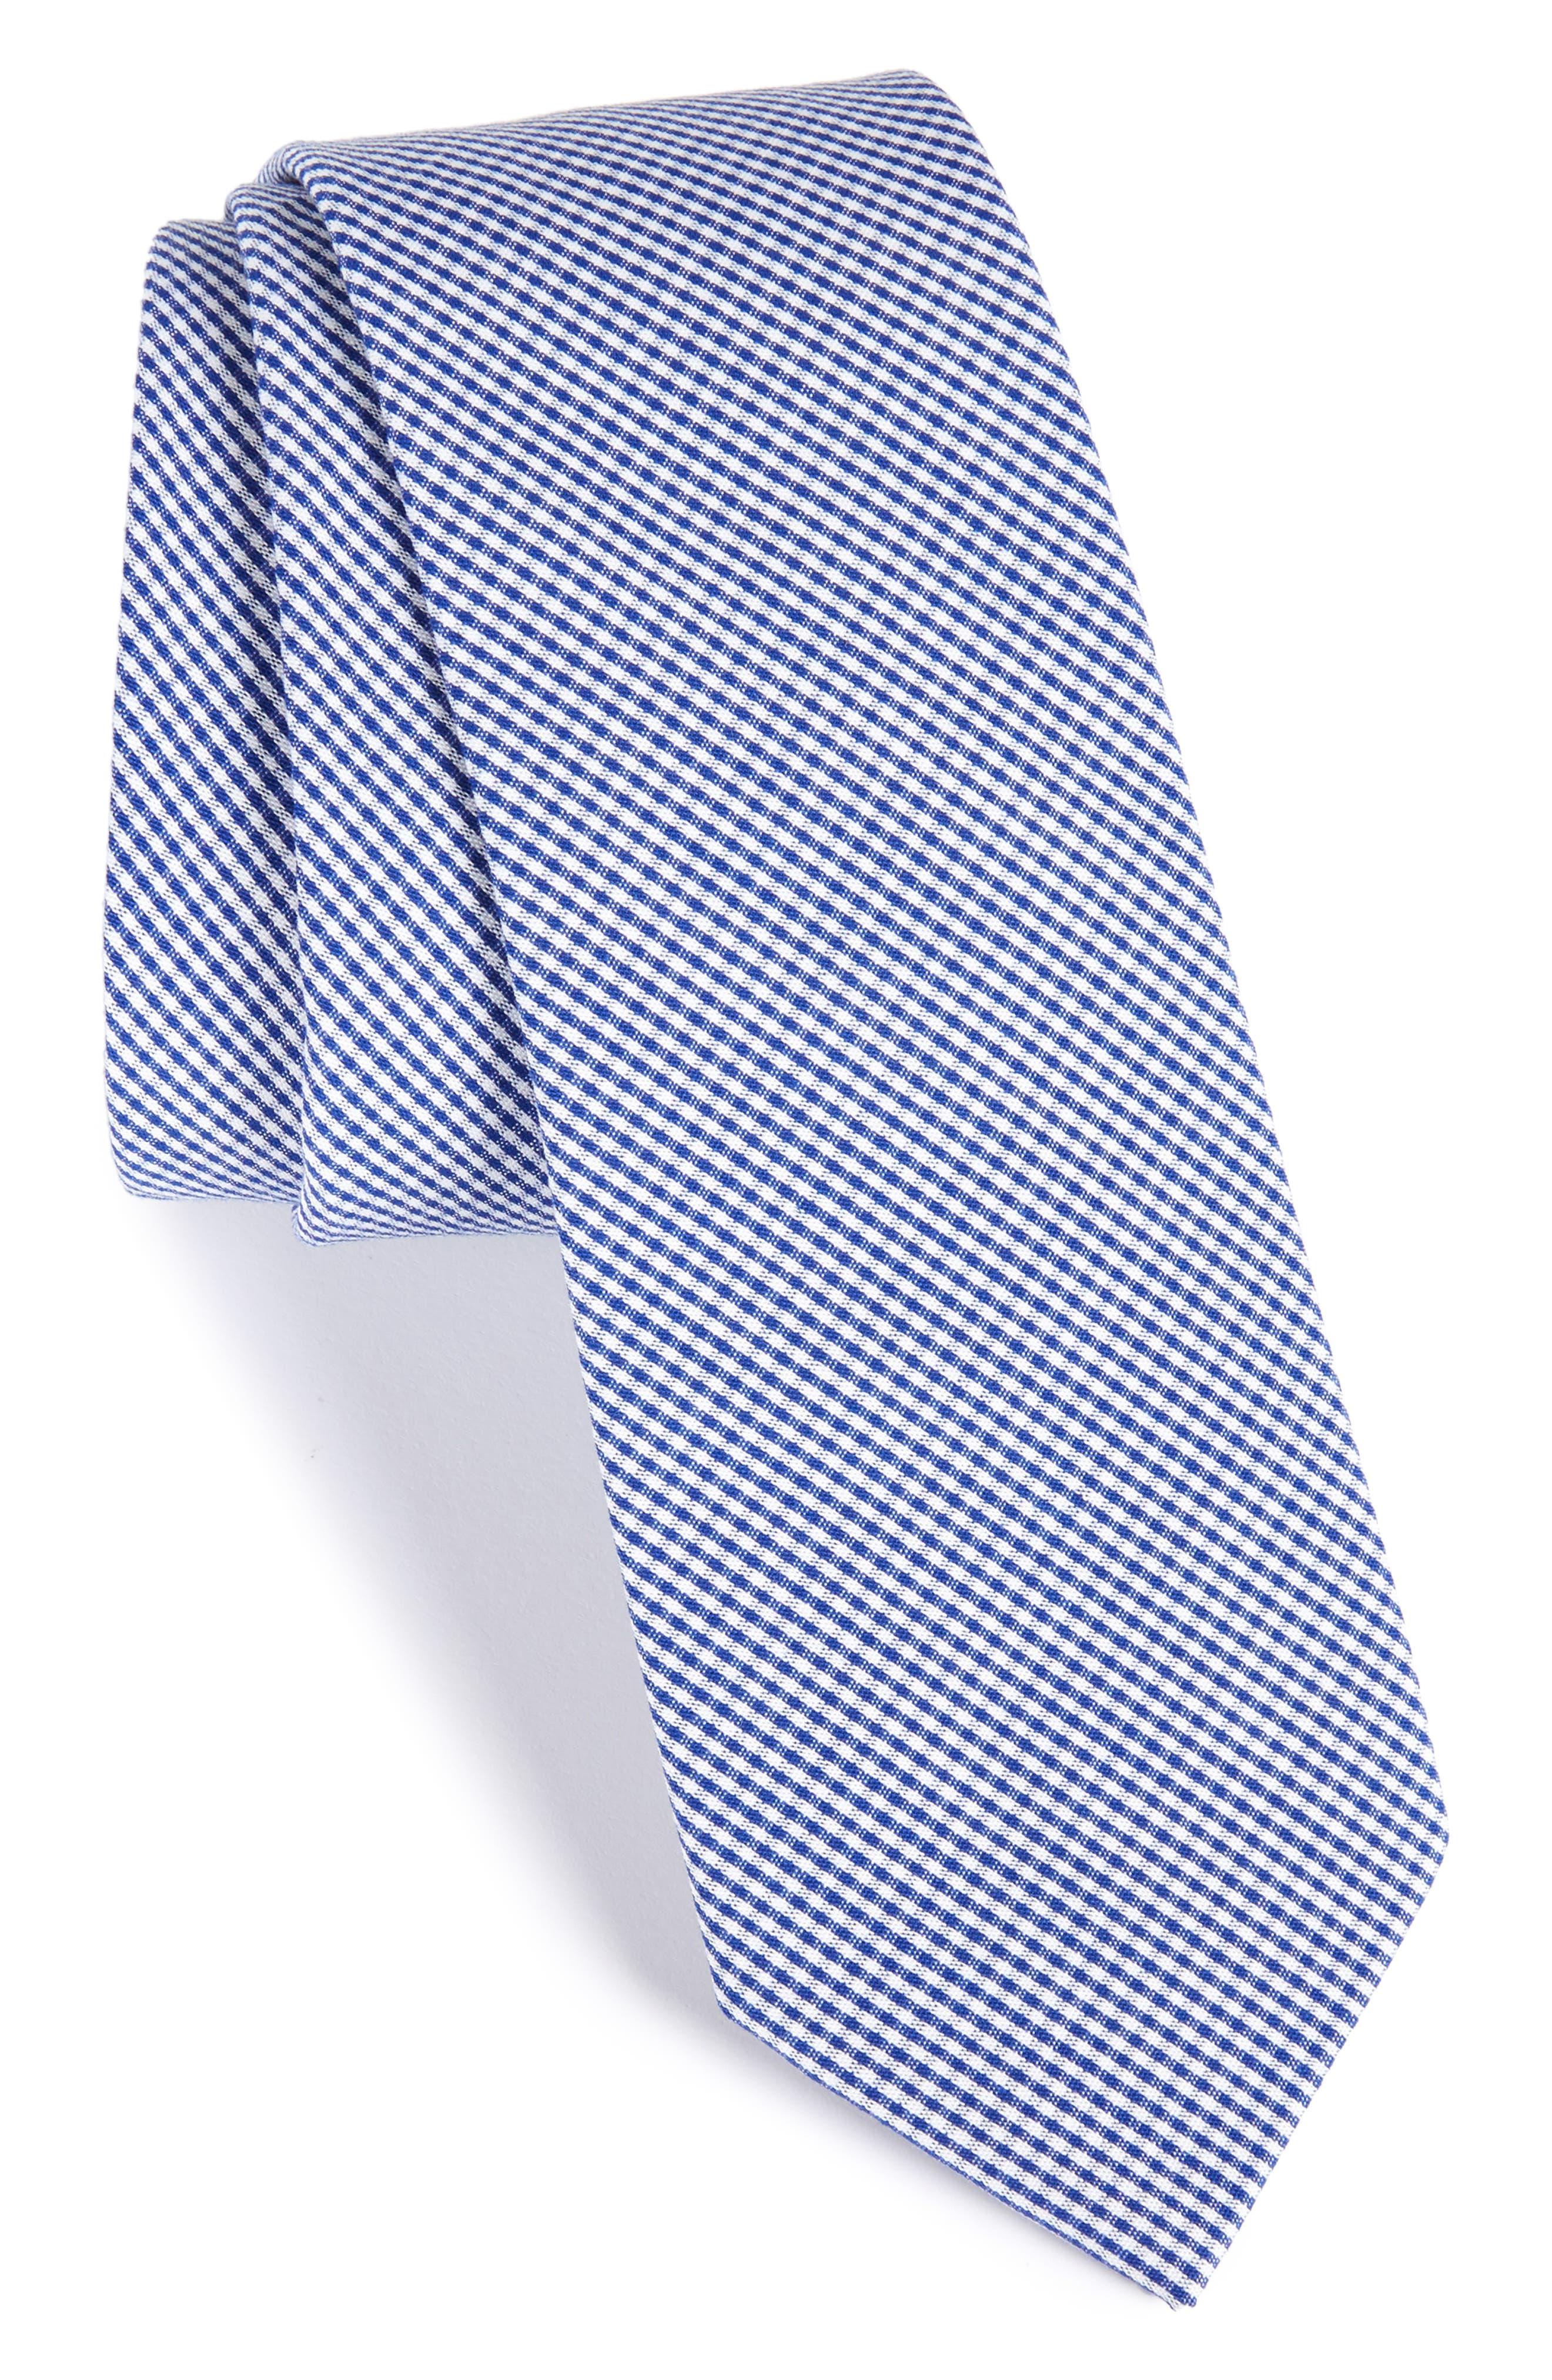 Main Image - 1901 Check Cotton Tie